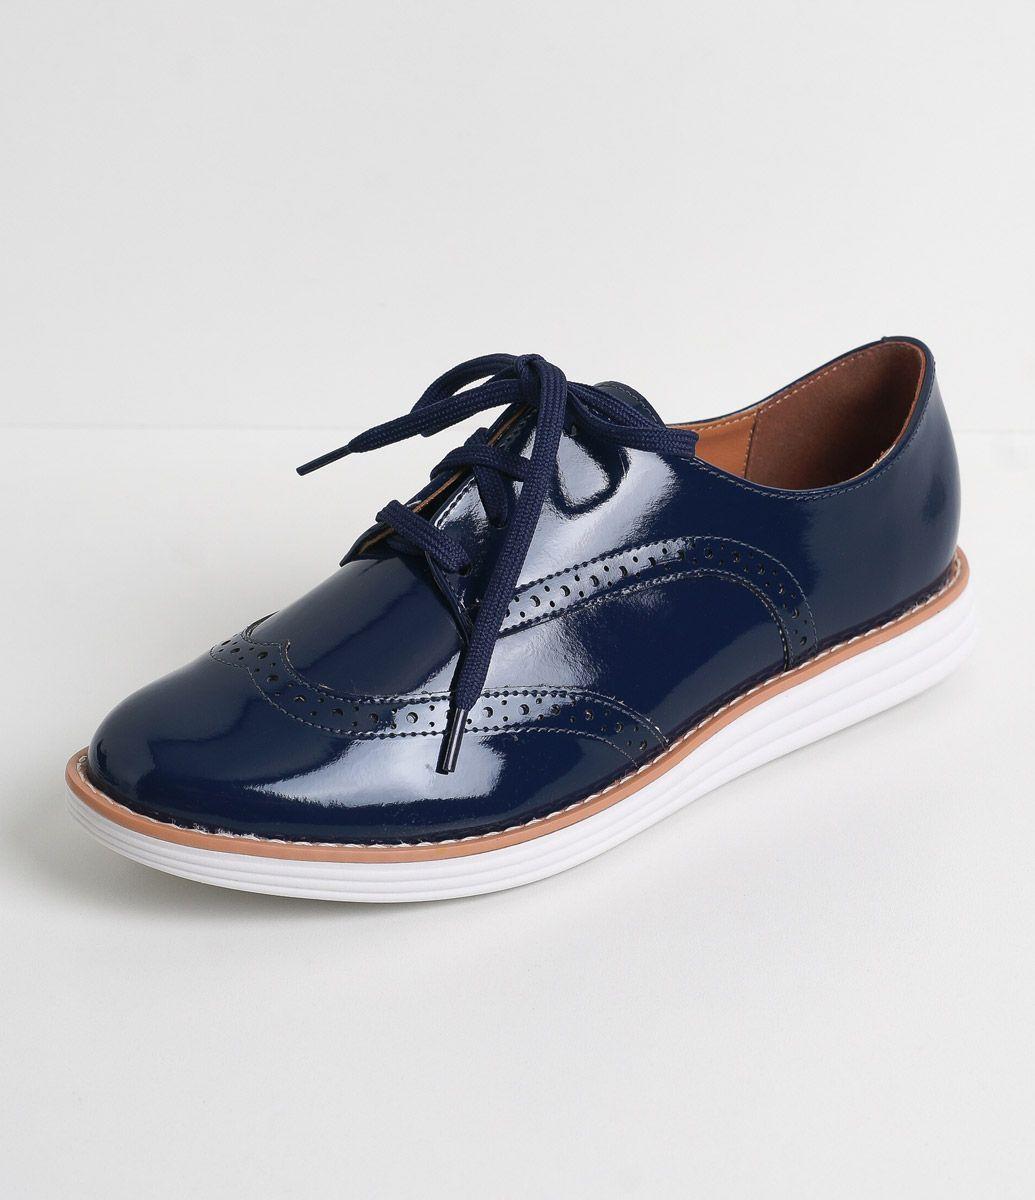 e5fa4be07a Sapato feminino Material  sintético Oxford Marca  Vizzano COLEÇÃO VERÃO  2017 Veja outras opções de sapatos femininos.